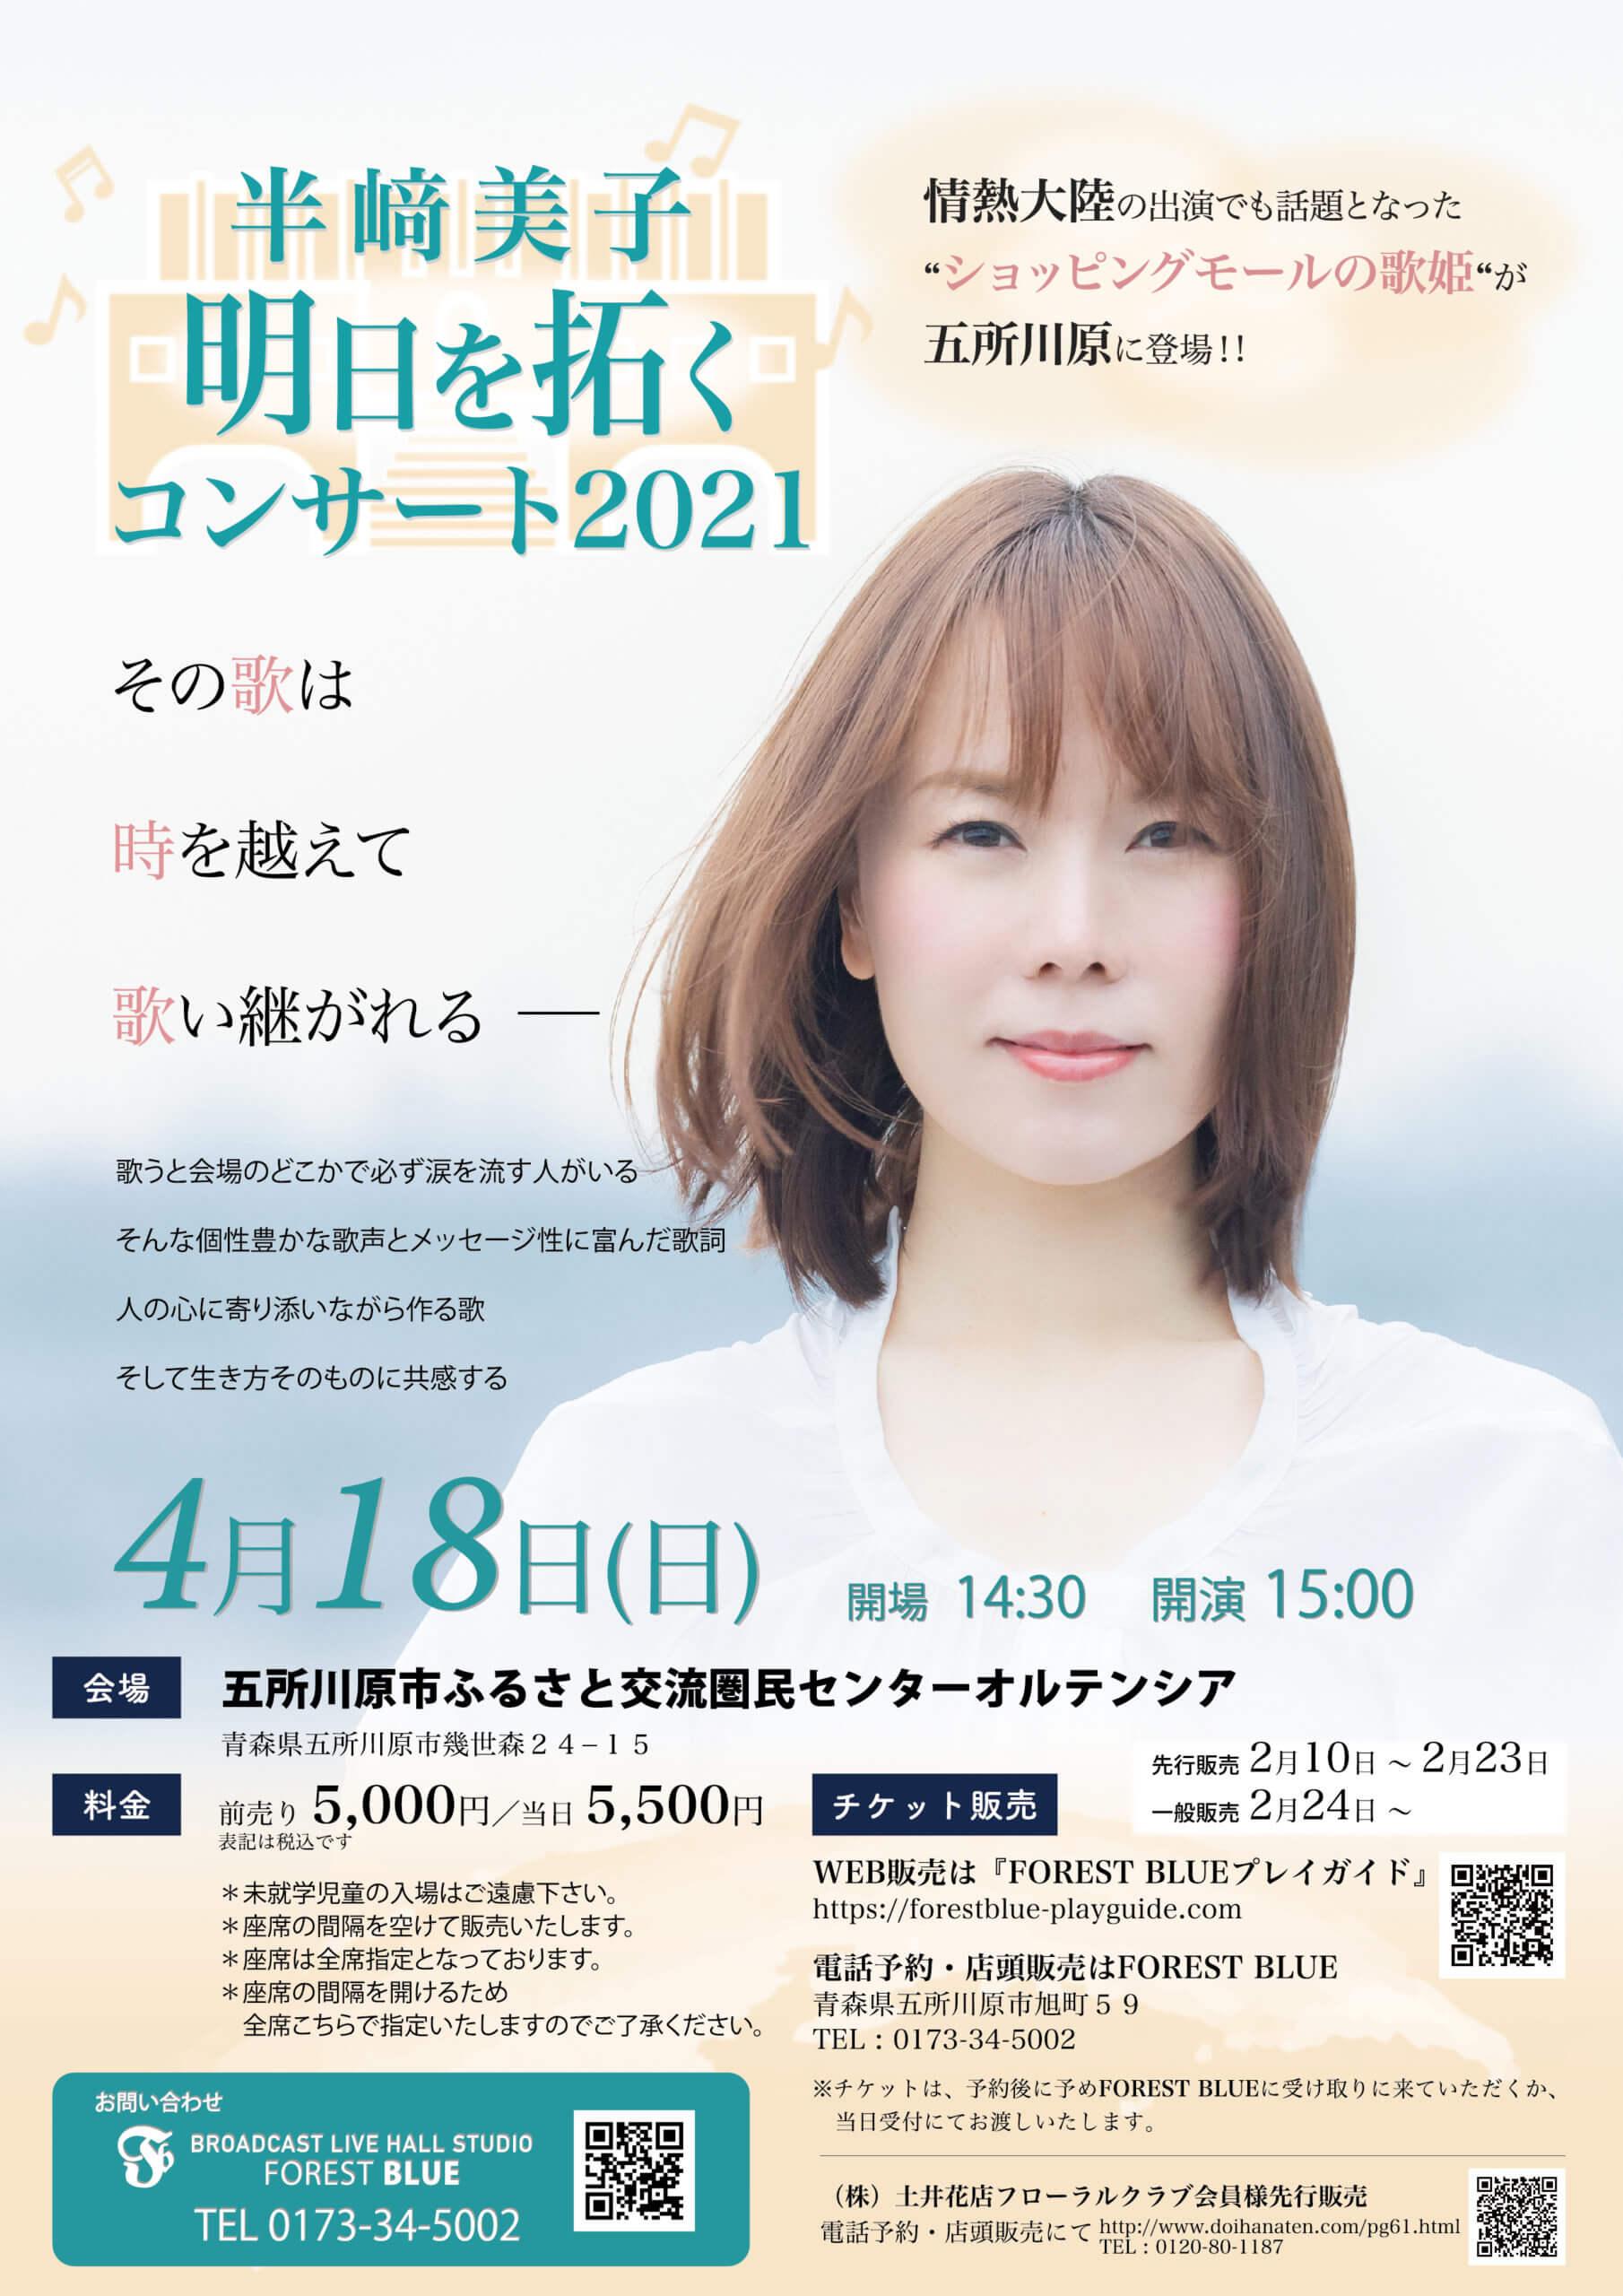 ポスター・チケット・デザイン